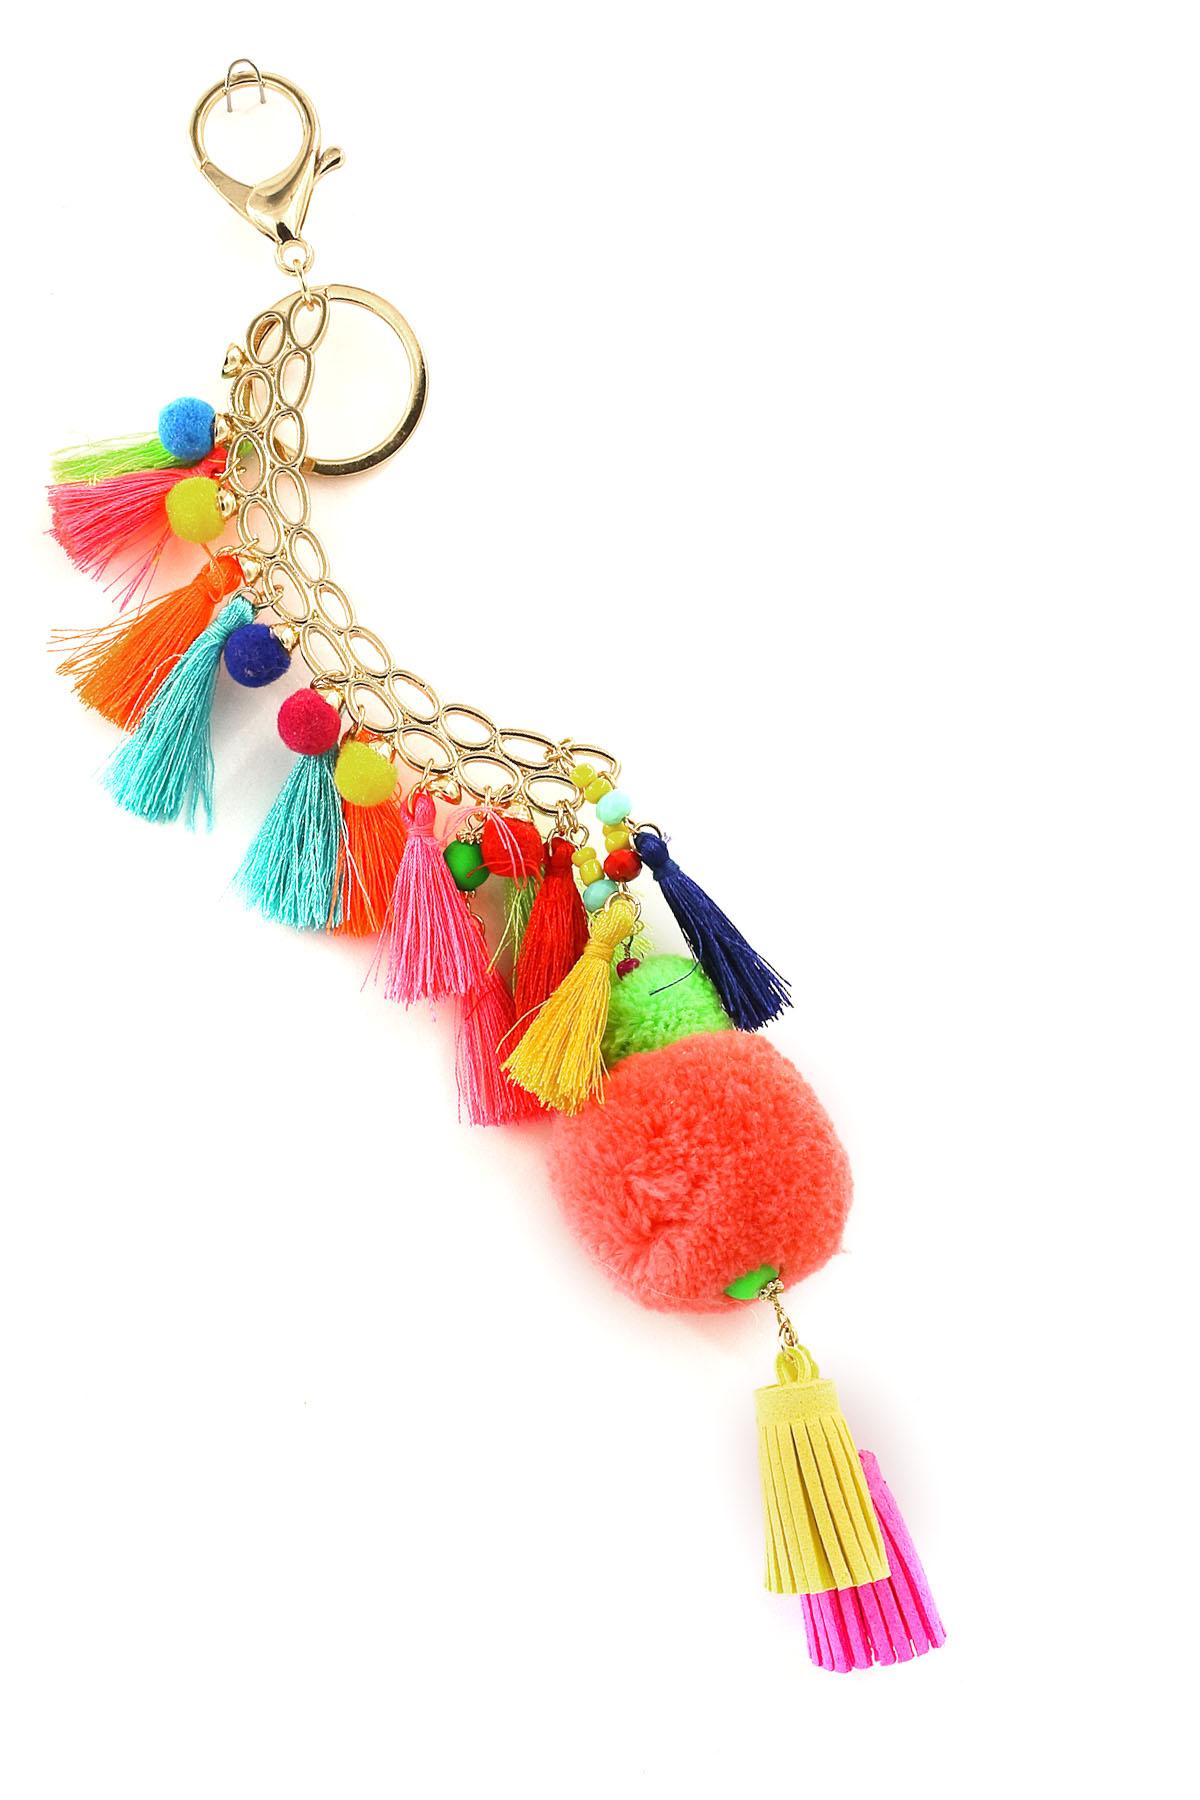 Pom Pom/Faux Suede/ Tassel Key Chain - Key Chains